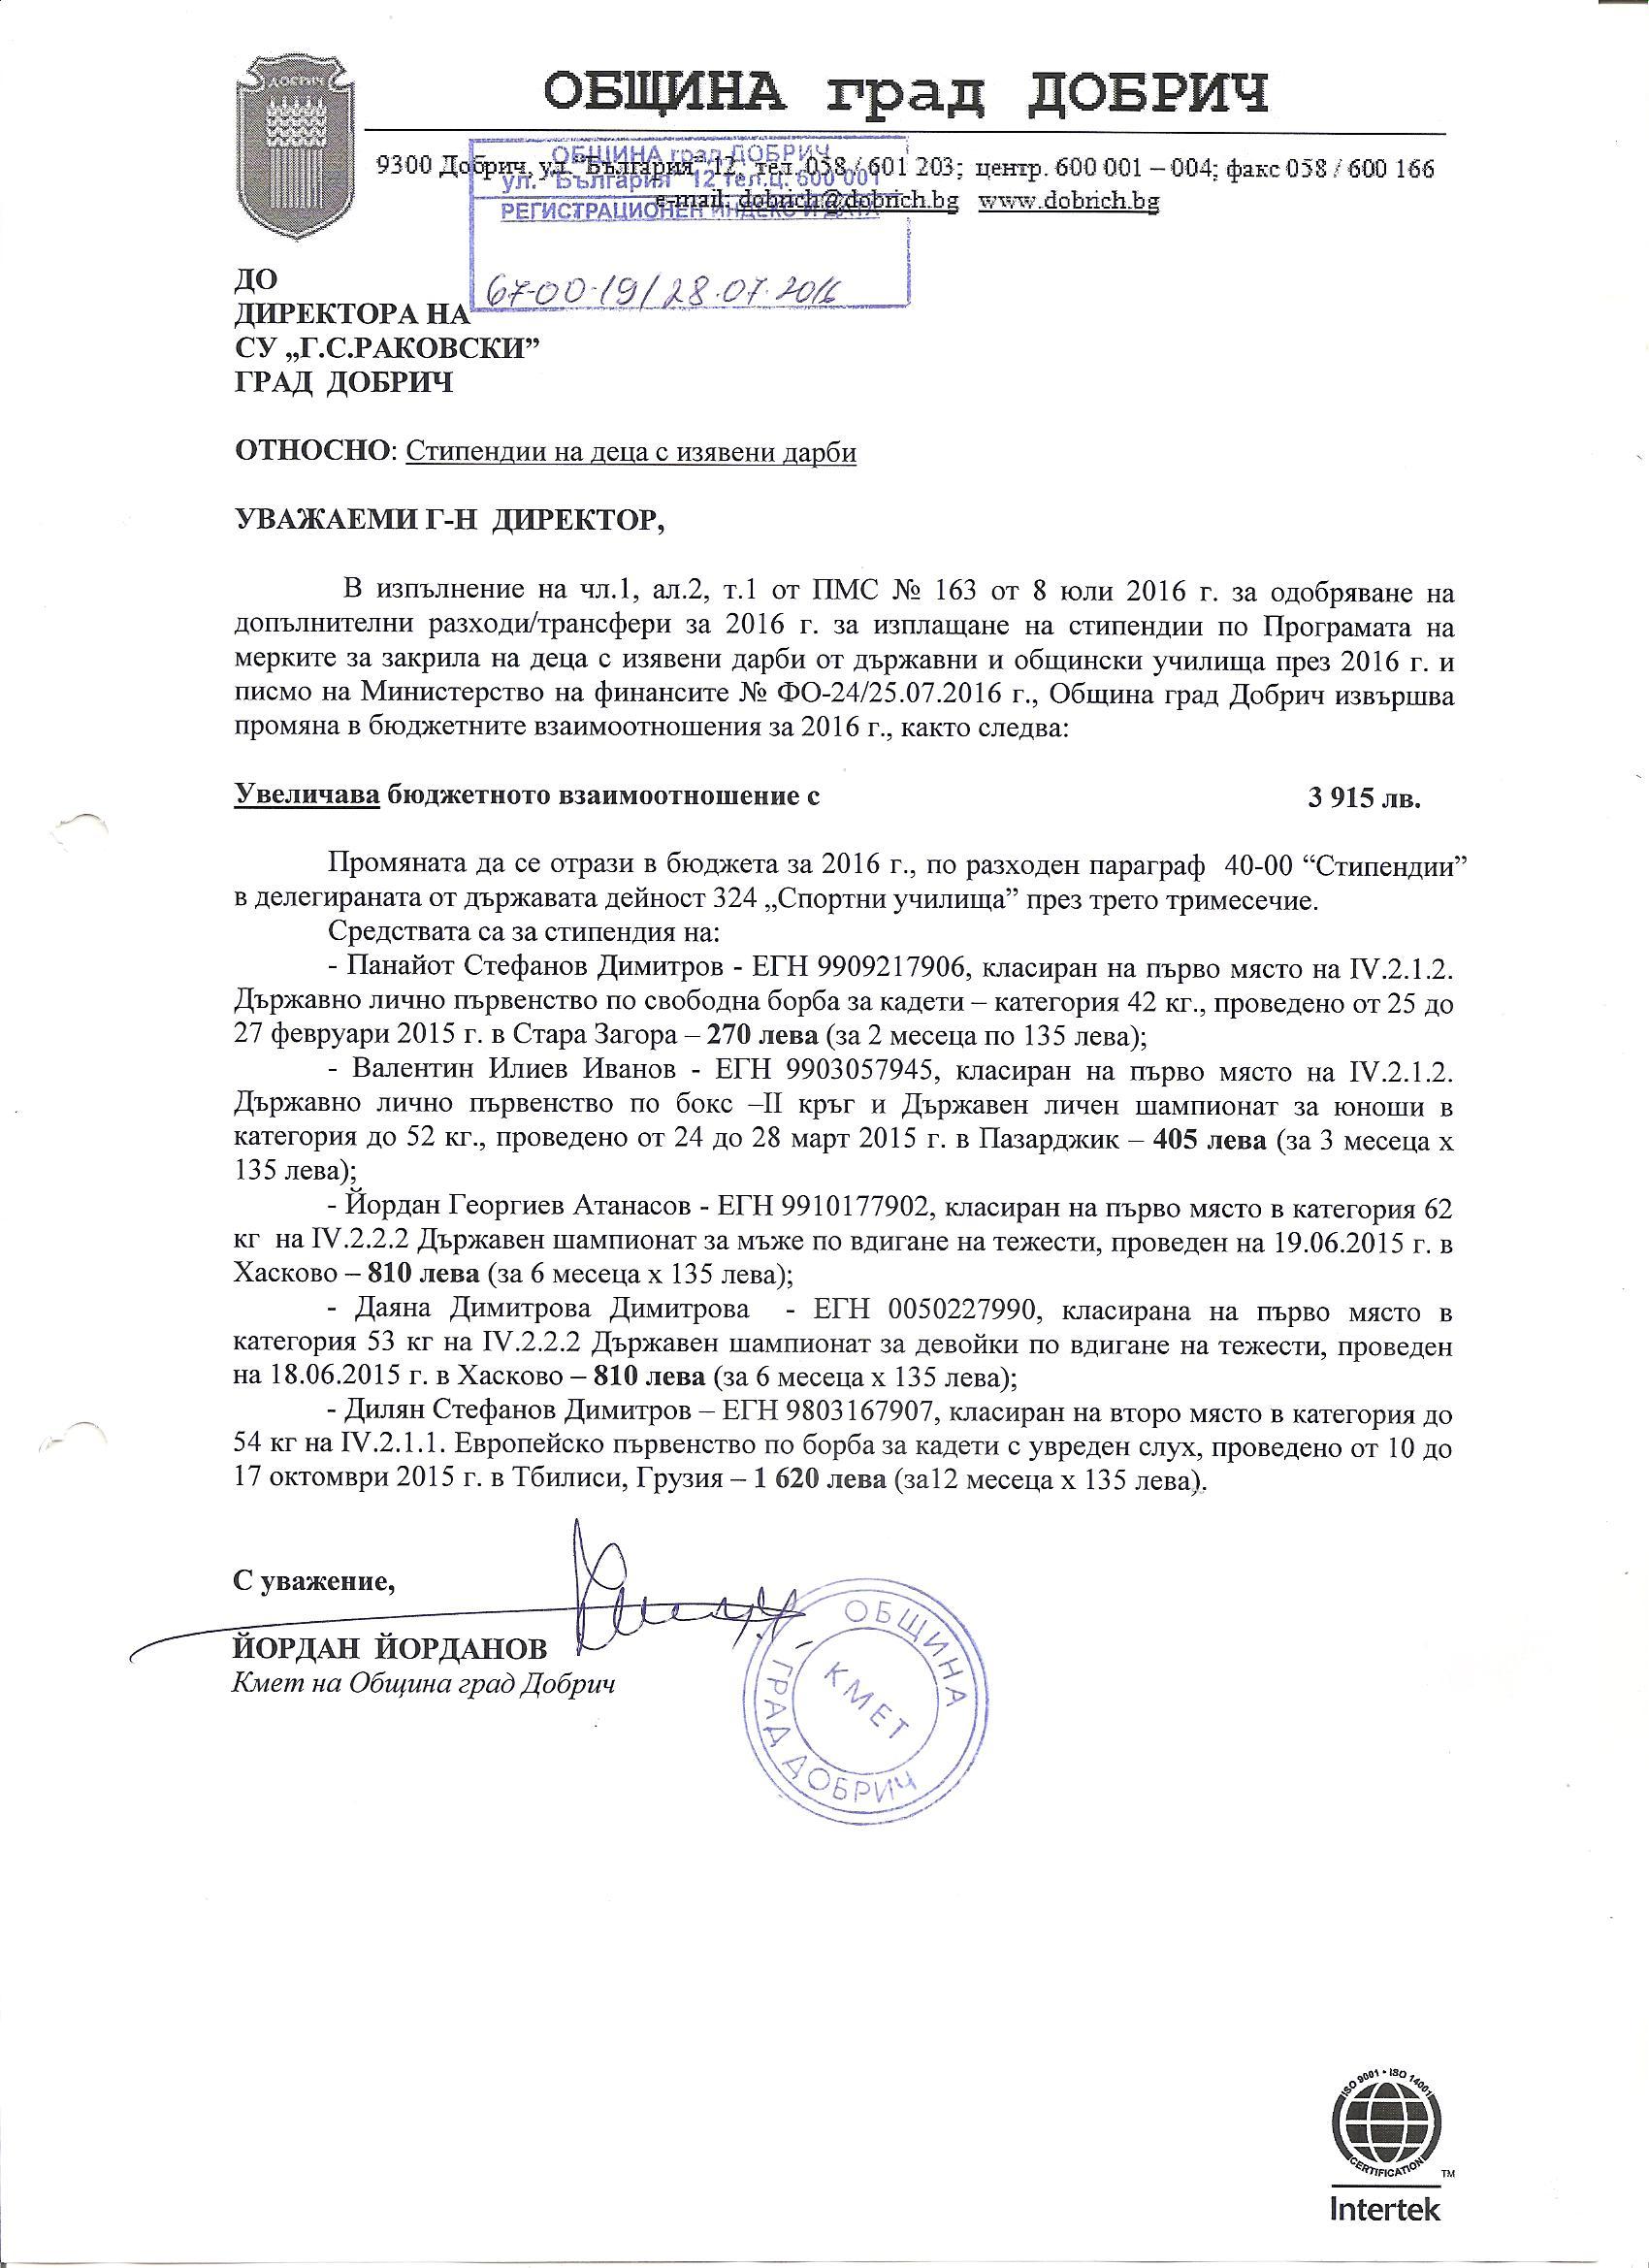 pismo-obshtina-stipendii-daroviti-detsa